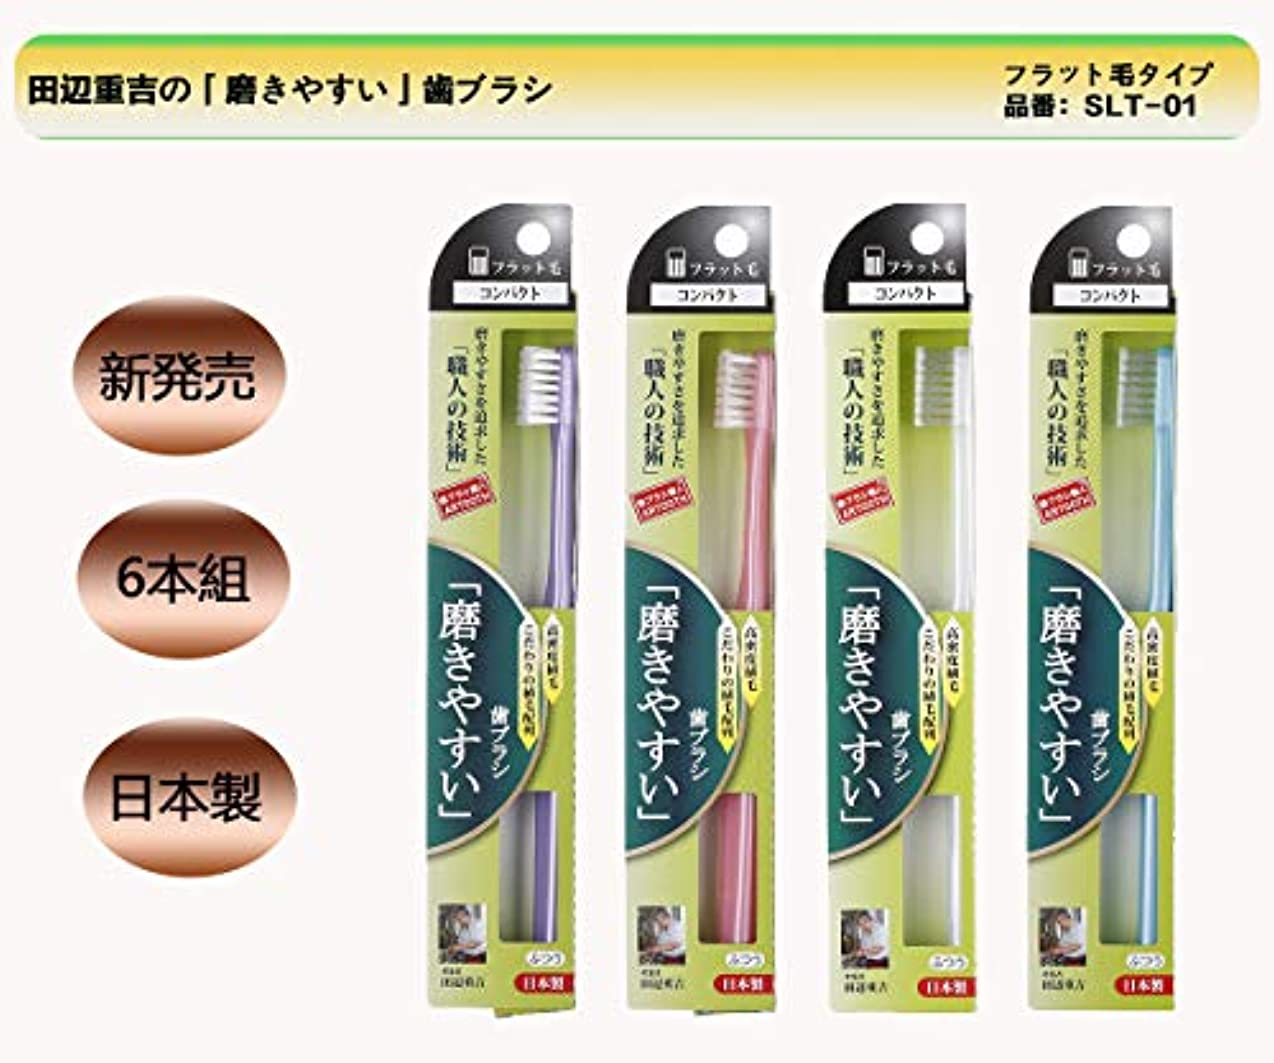 またね確率動揺させる歯ブラシ職人 Artooth® 田辺重吉 日本製 磨きやすい歯ブラシ 奥歯までフラット毛SLT-01 (6本入)